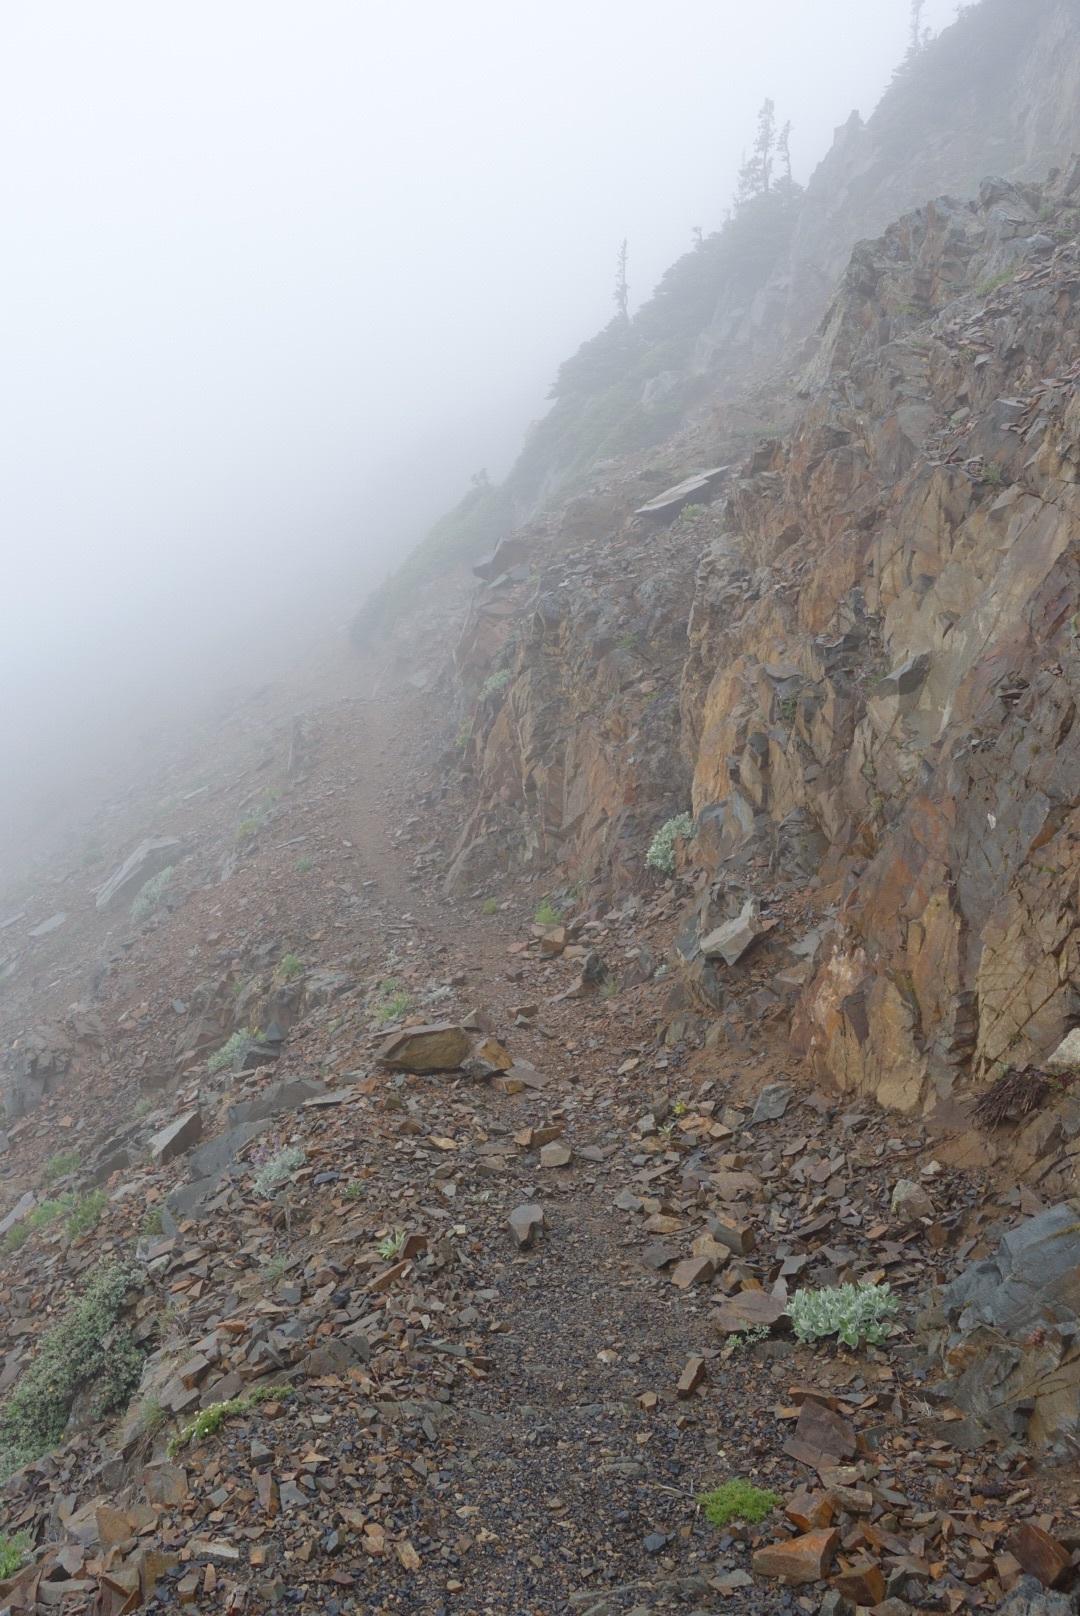 Our views around much of Tatie Peak